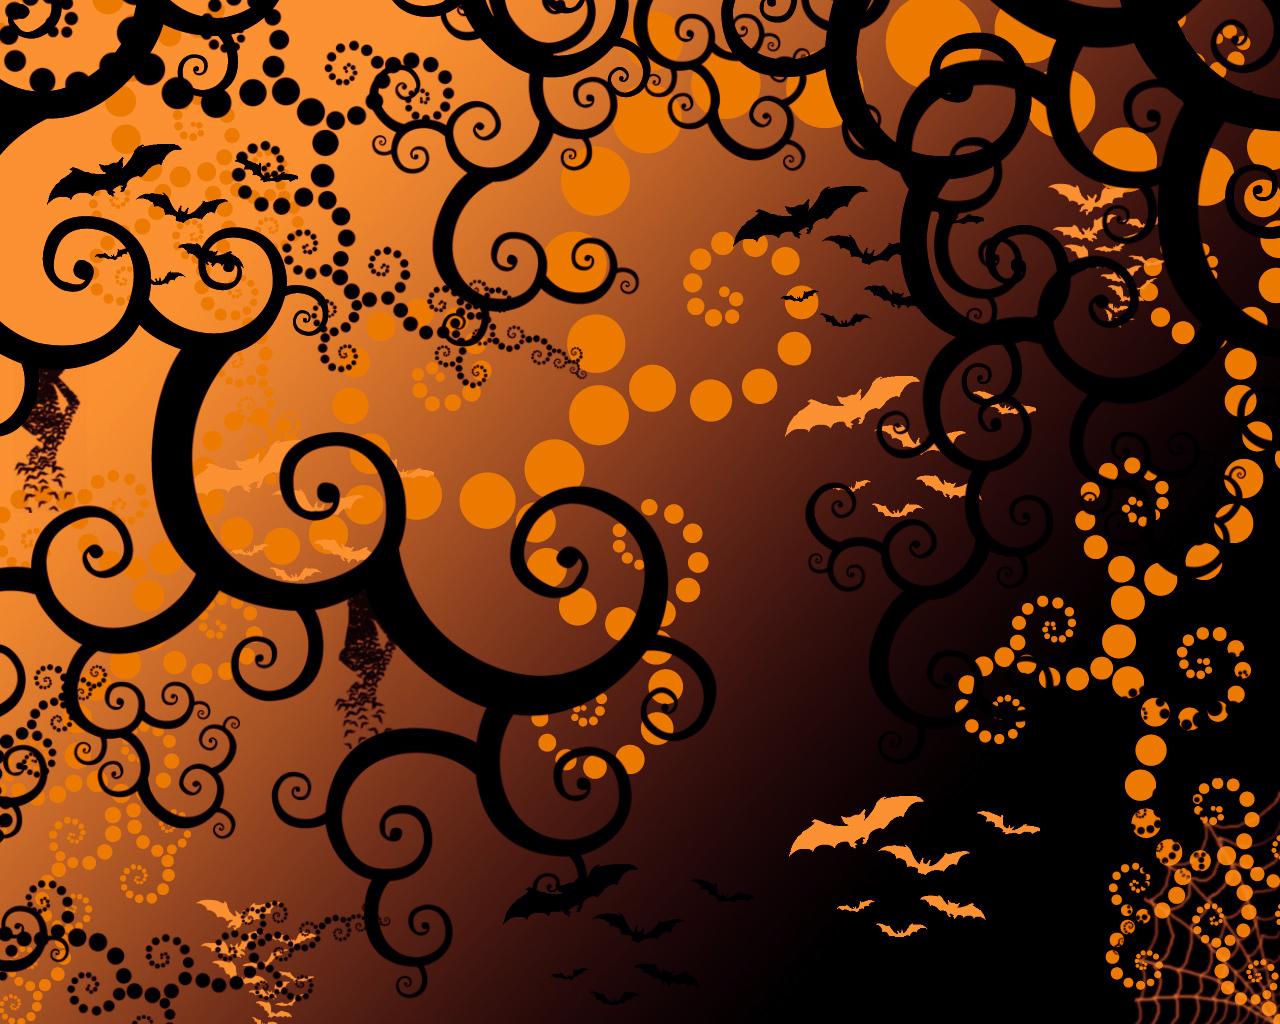 Halloween Wallpaper Desktop Net Wallpapers 1280x1024